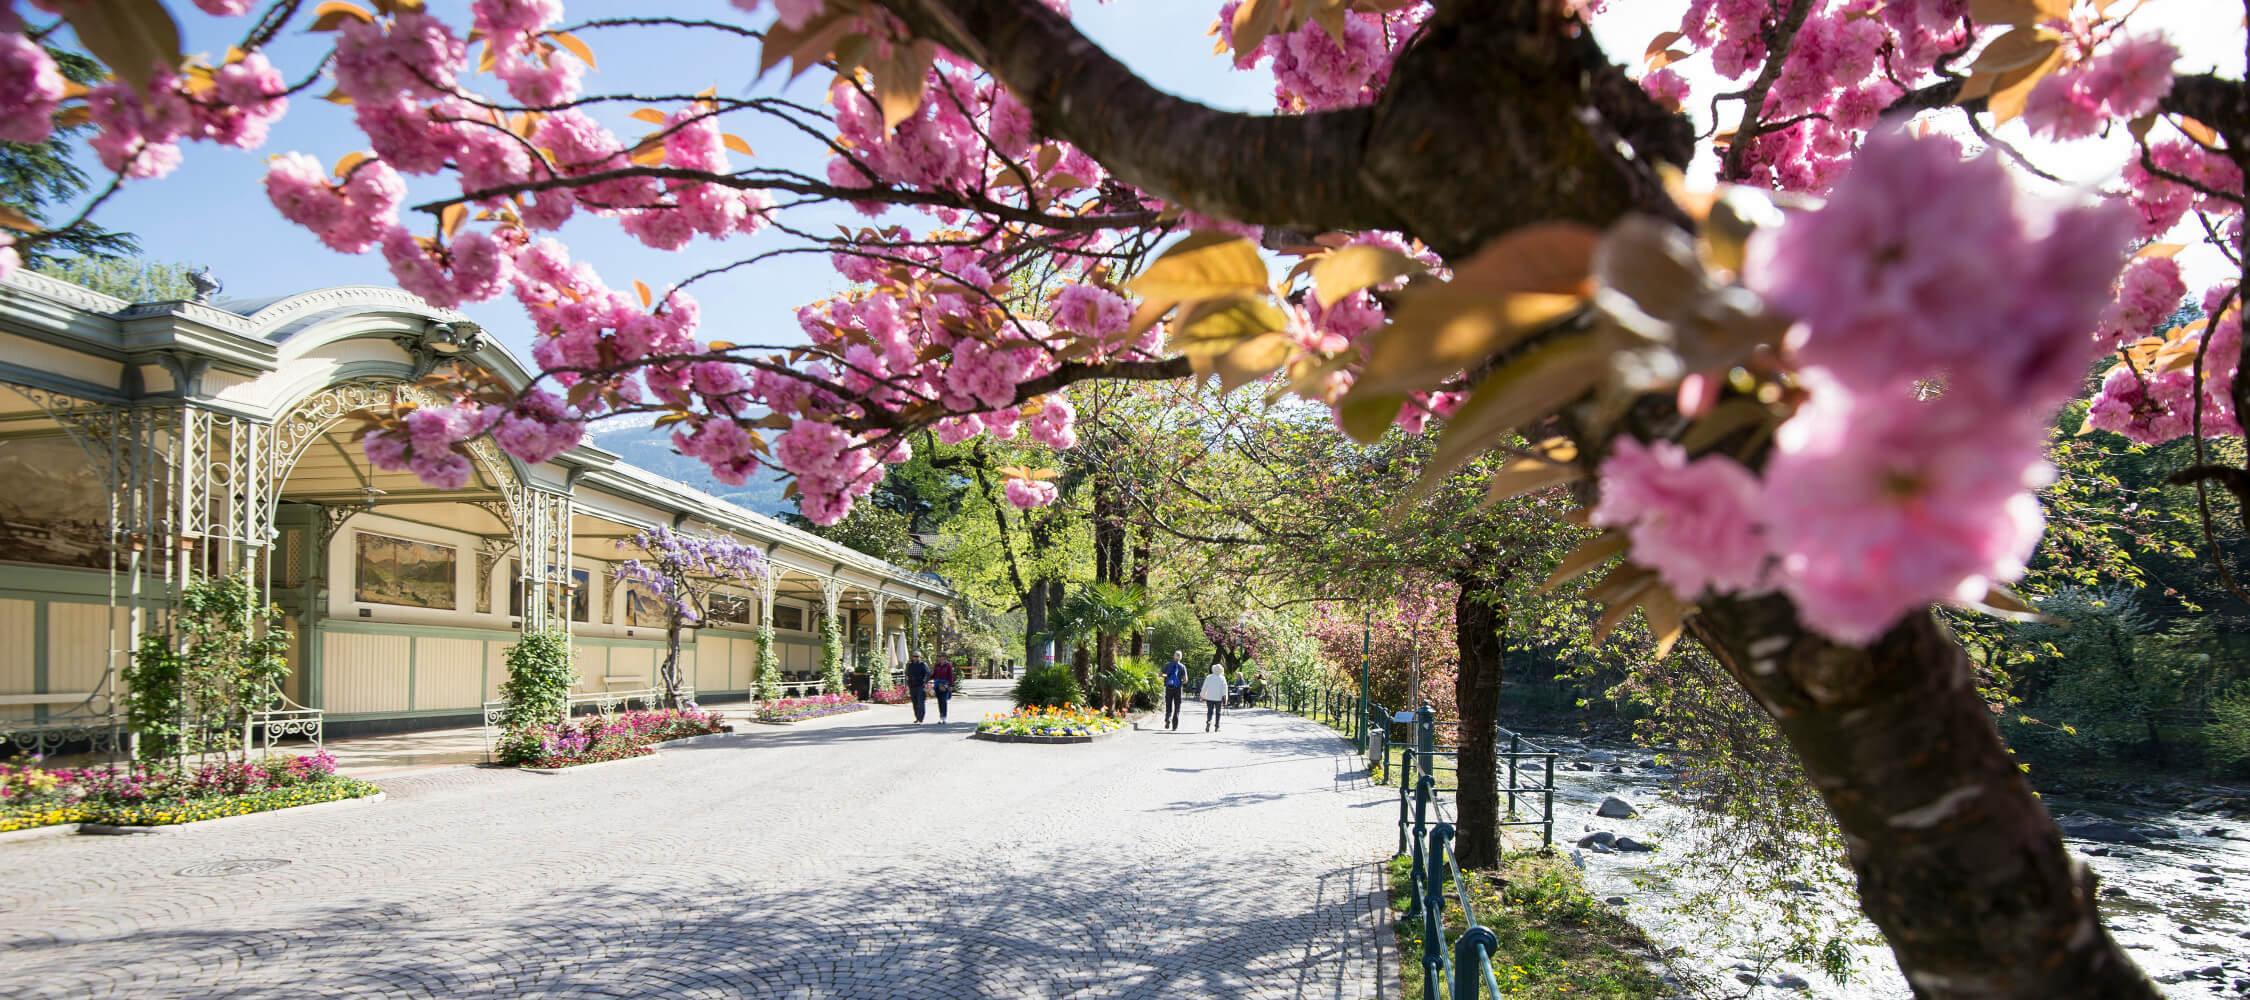 Italien-Trentino_Suedtirol_Alto_Adige_Merano_Meran_Besichtigen_Natur_Promenade_Wandelhalle_Spazieren_Fruehling_Spring_Kurverwaltung-Alex-Filz_mgm01138kume